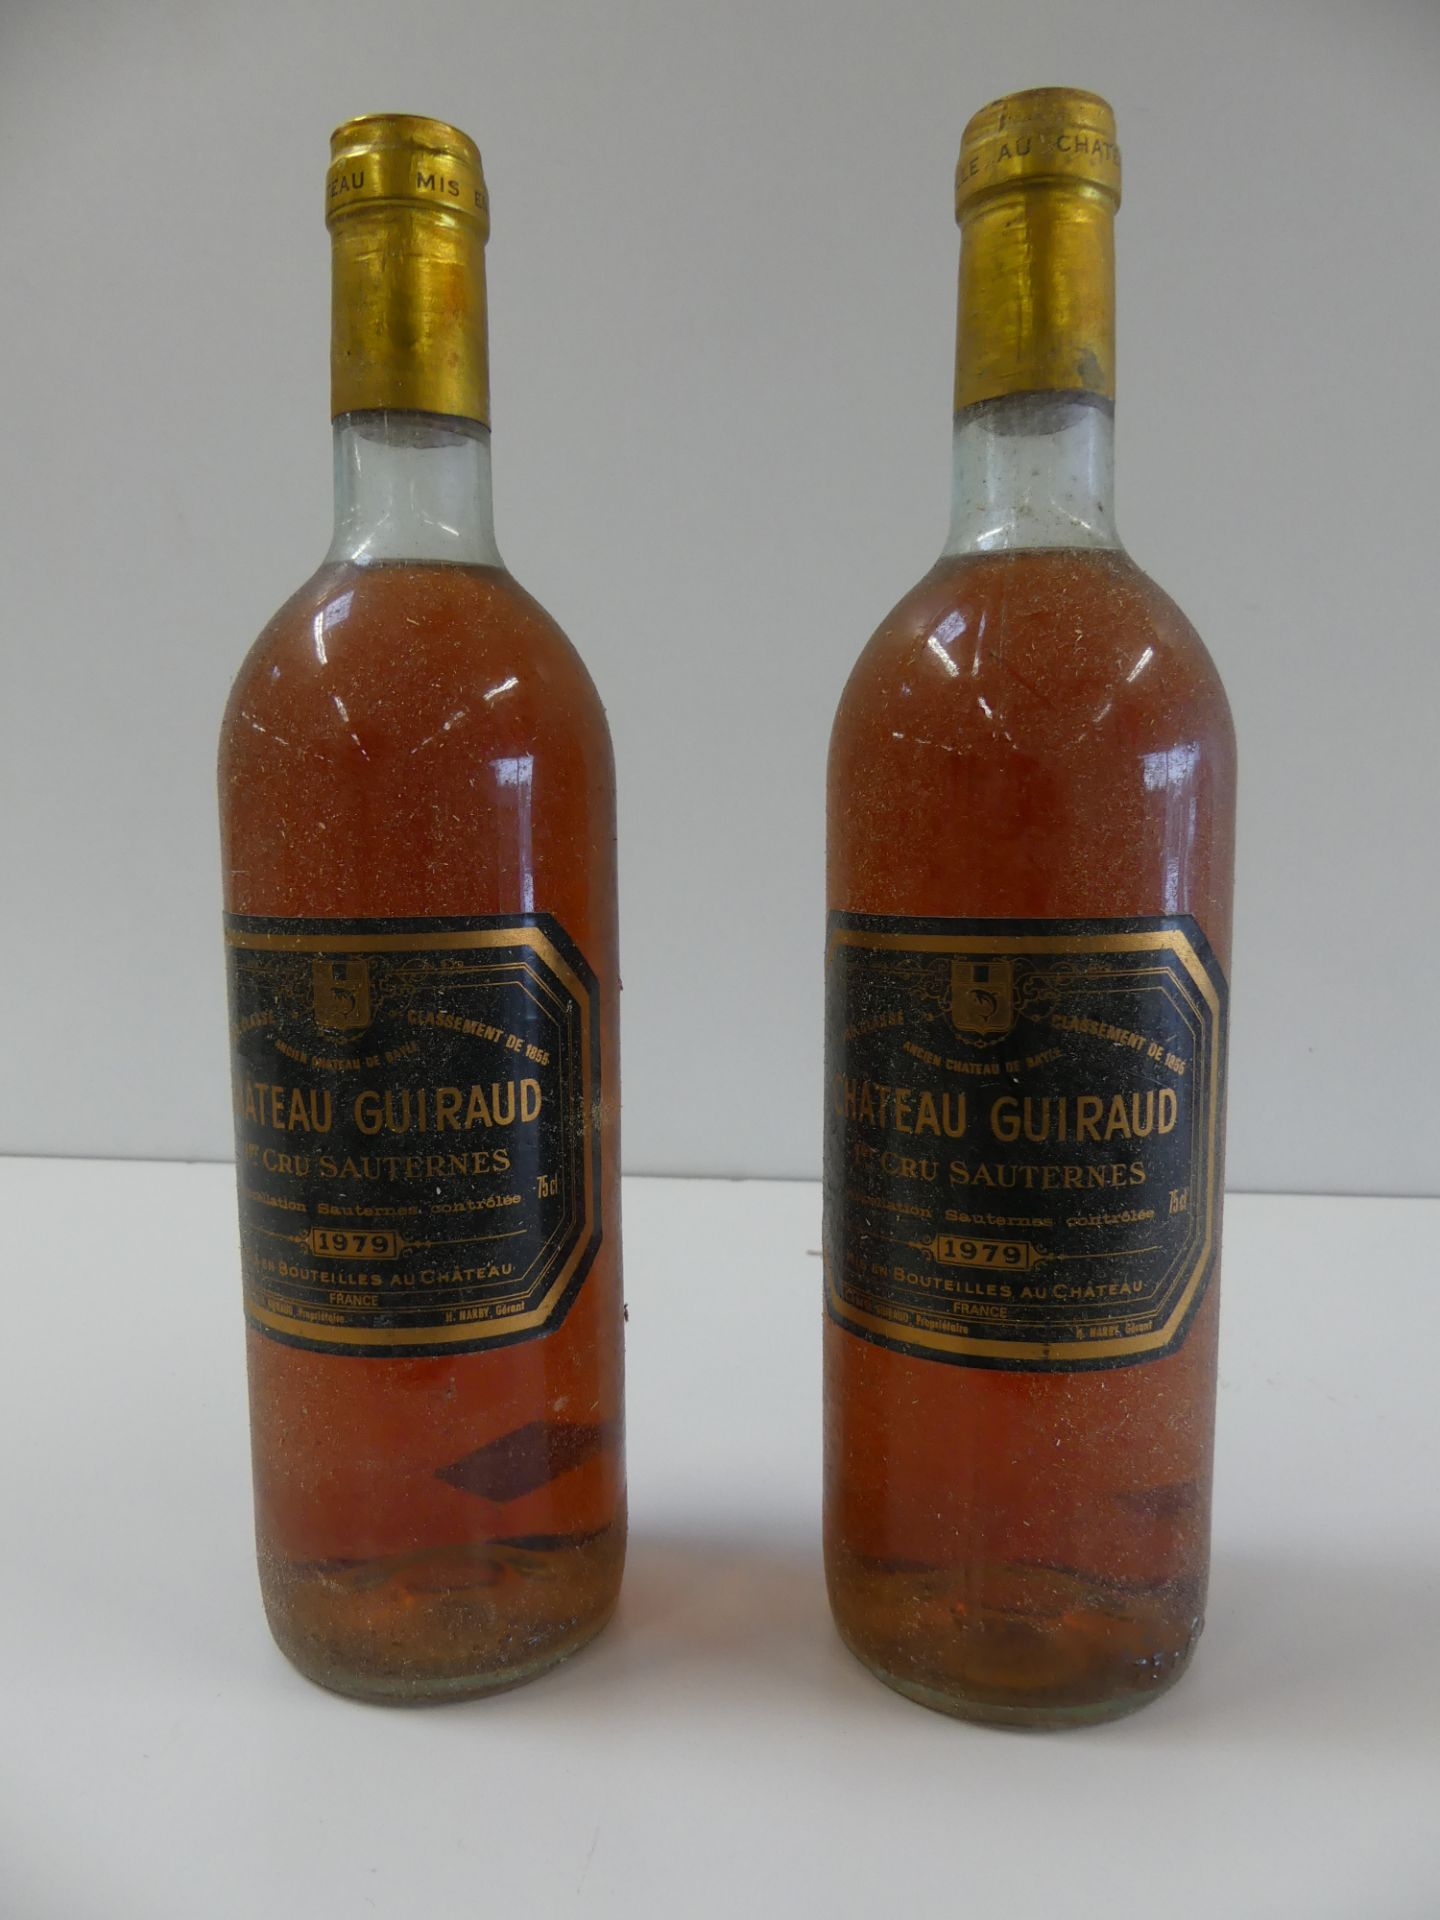 Los 36 - 2 Château Guiraud 1er Cru de Sauternes 1979 -